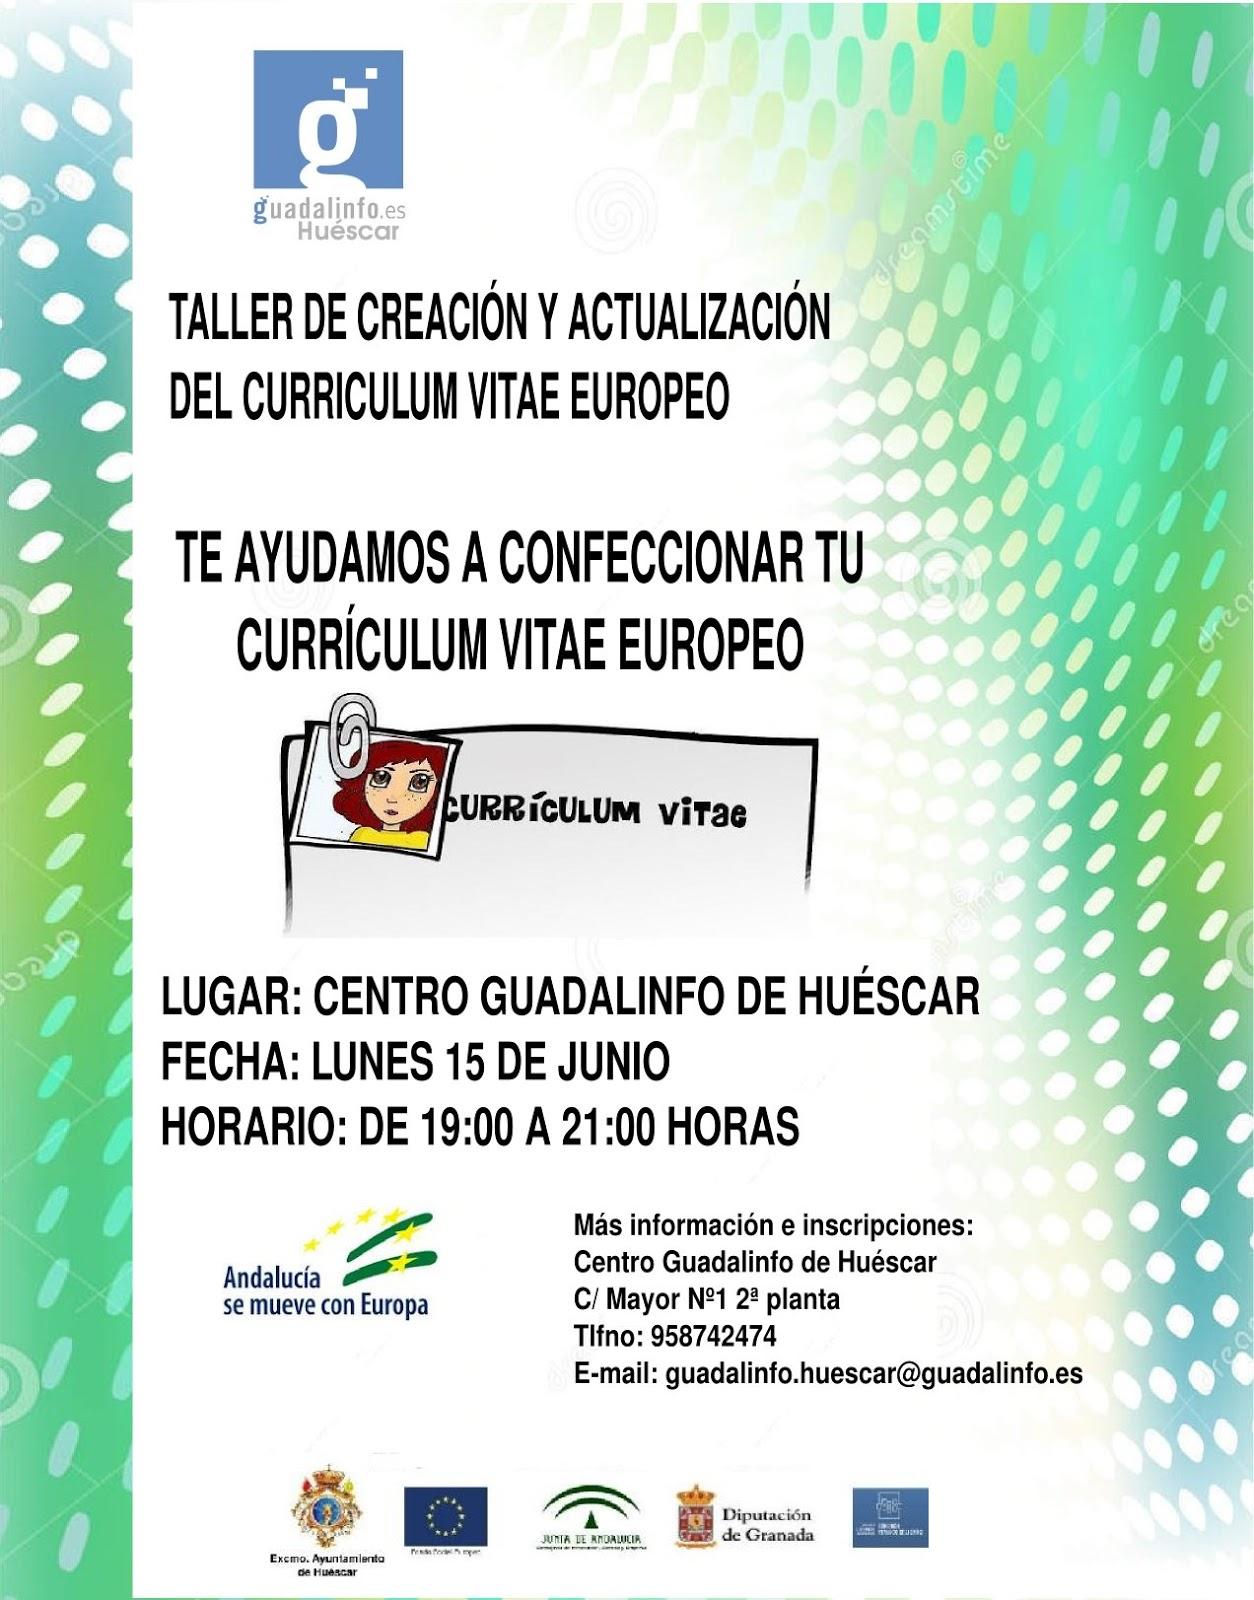 TALLER DE CREACIÓN DE CURRICULUM VITAE EUROPEO -